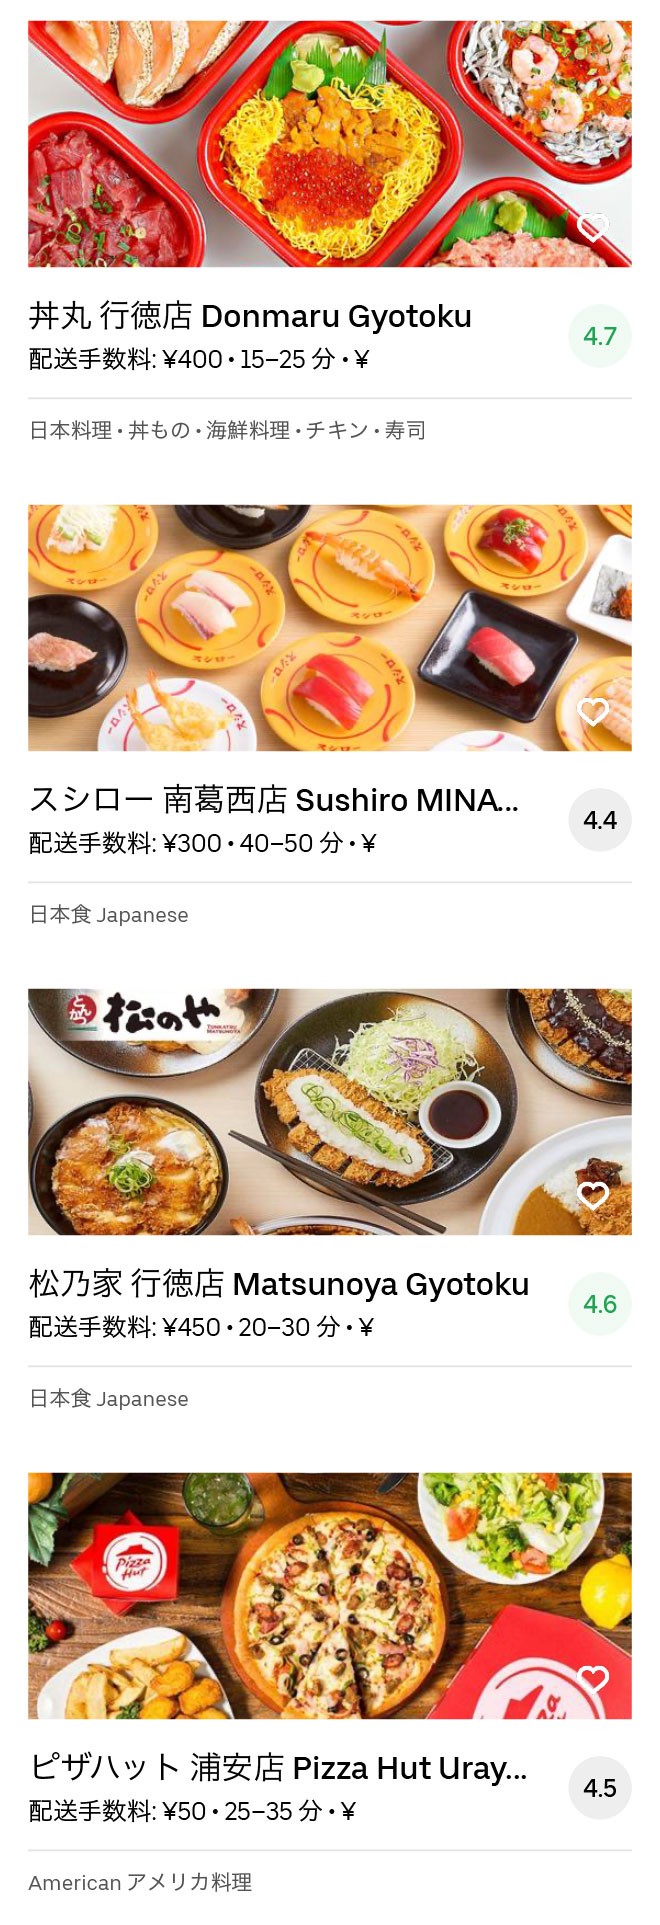 Urayasu menu 200405